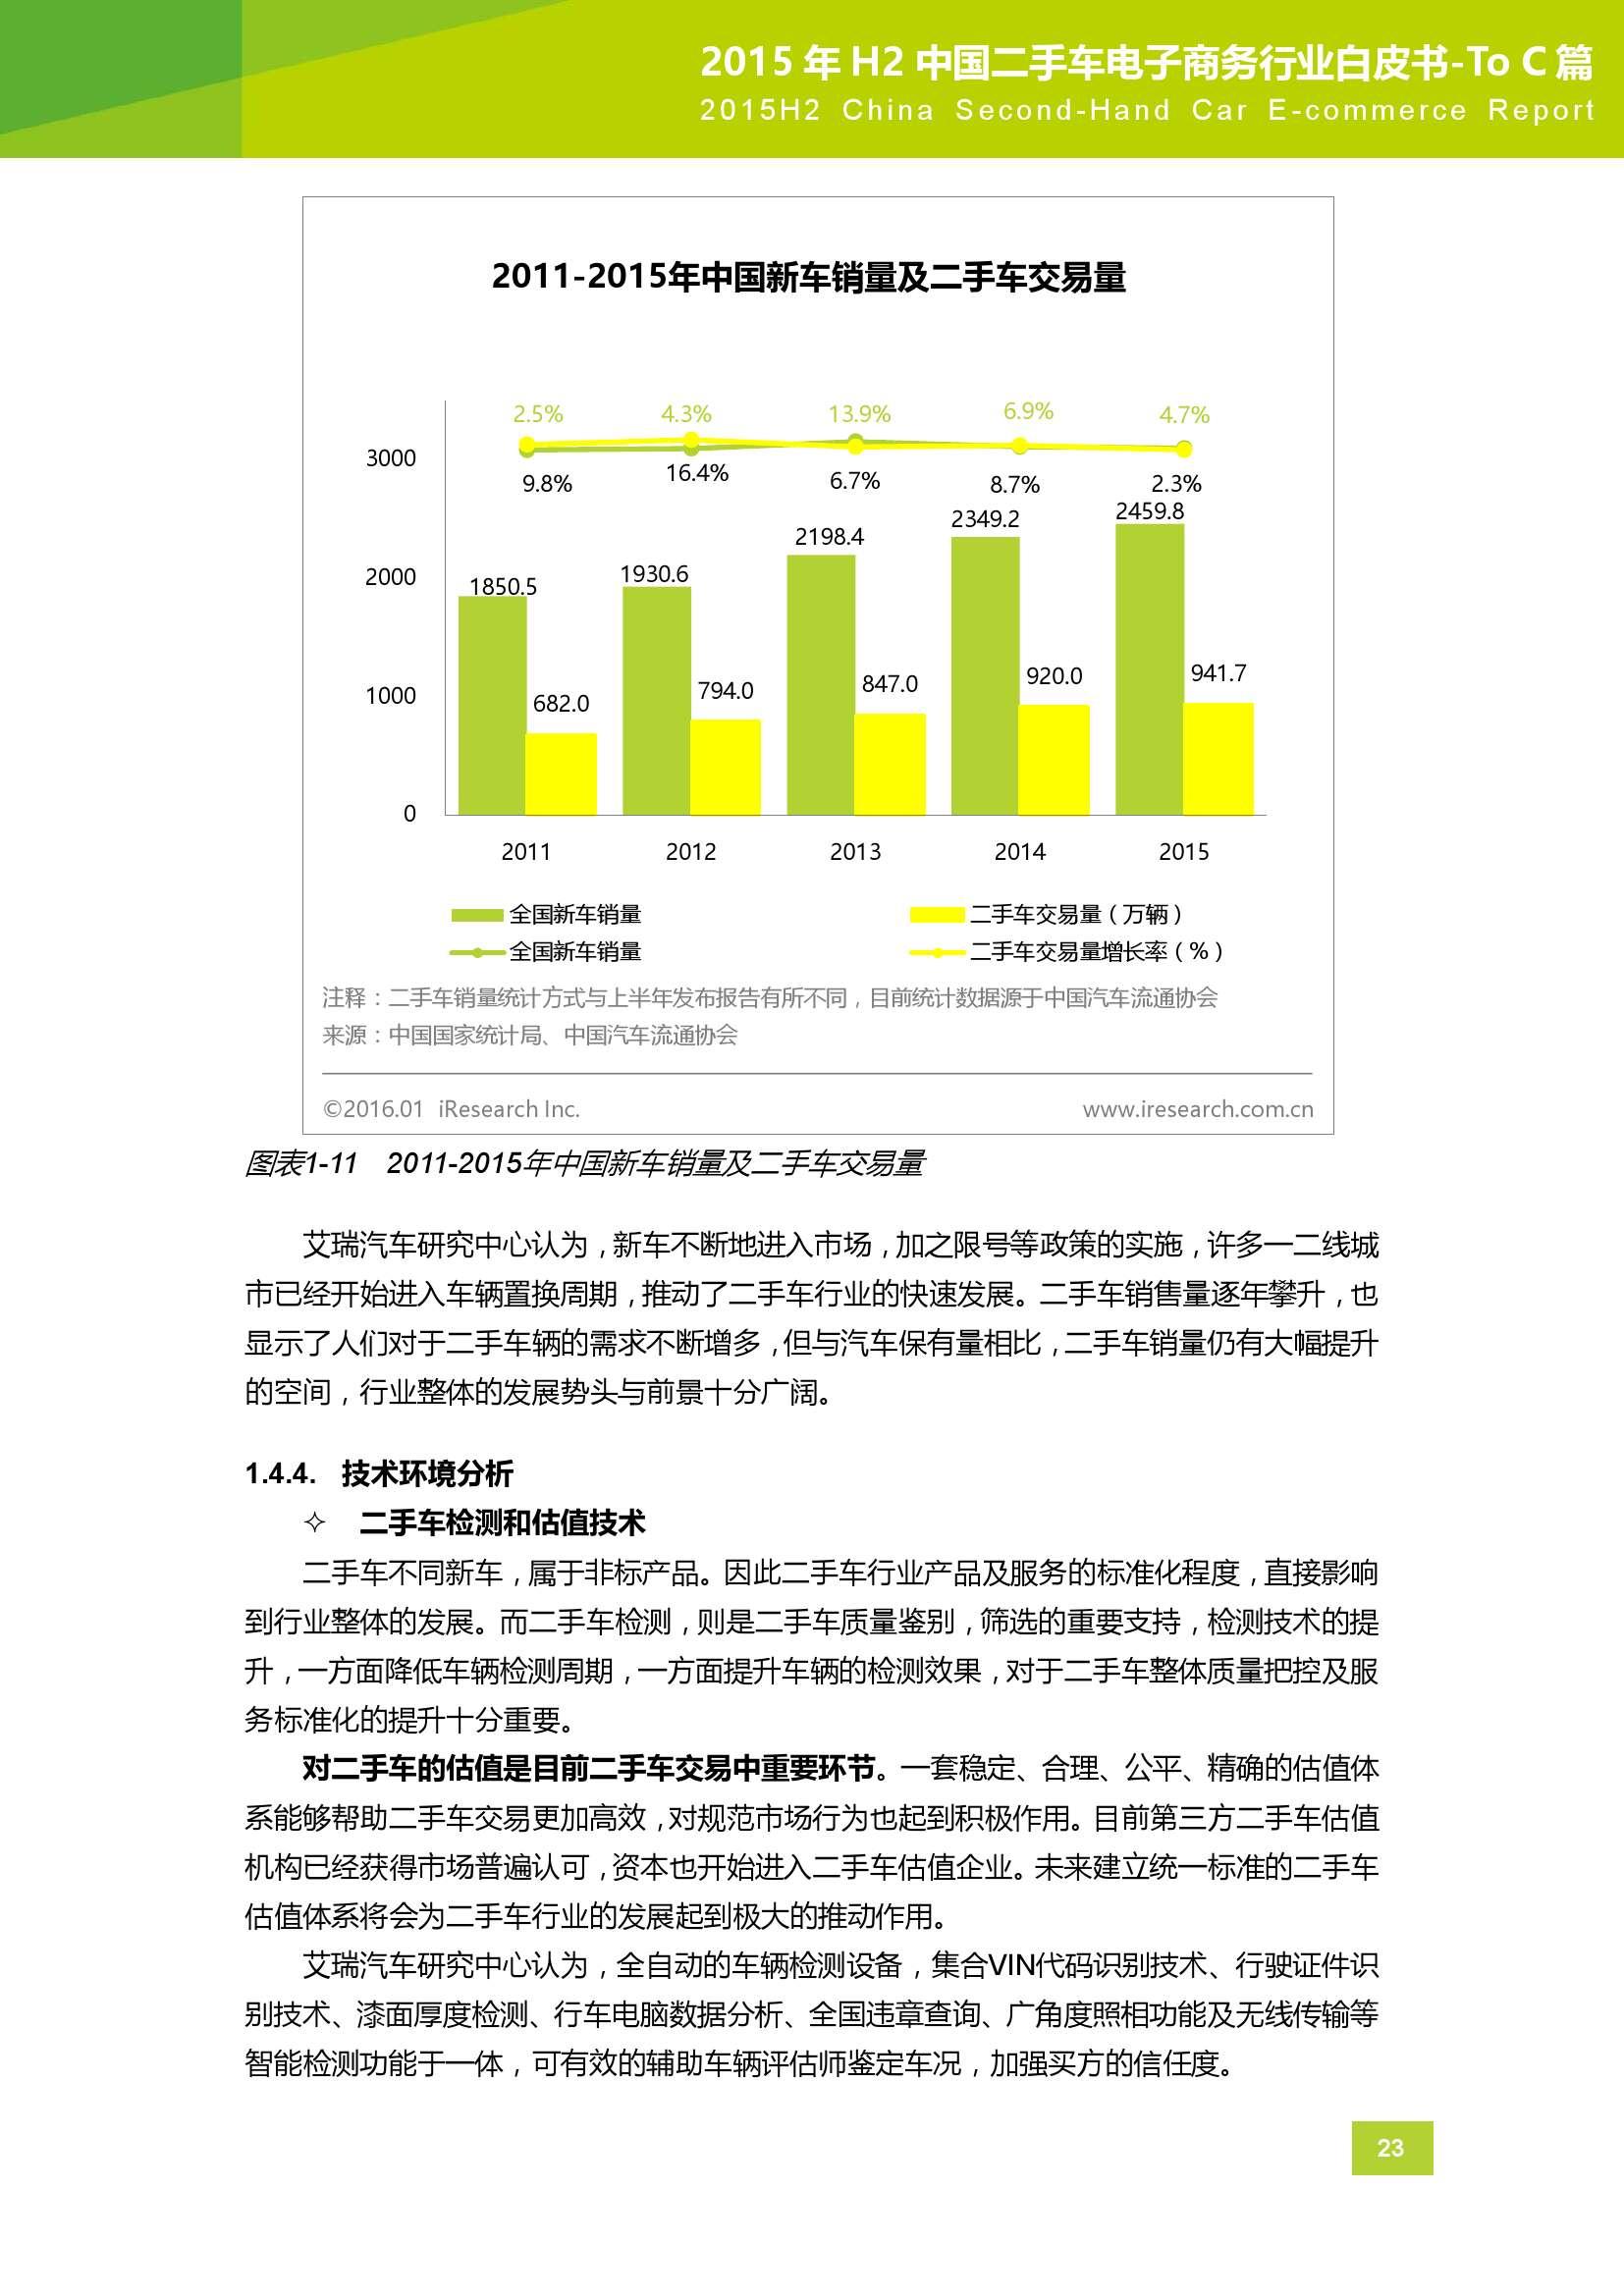 2015年H2中国二手车电子商务行业白皮书_000023